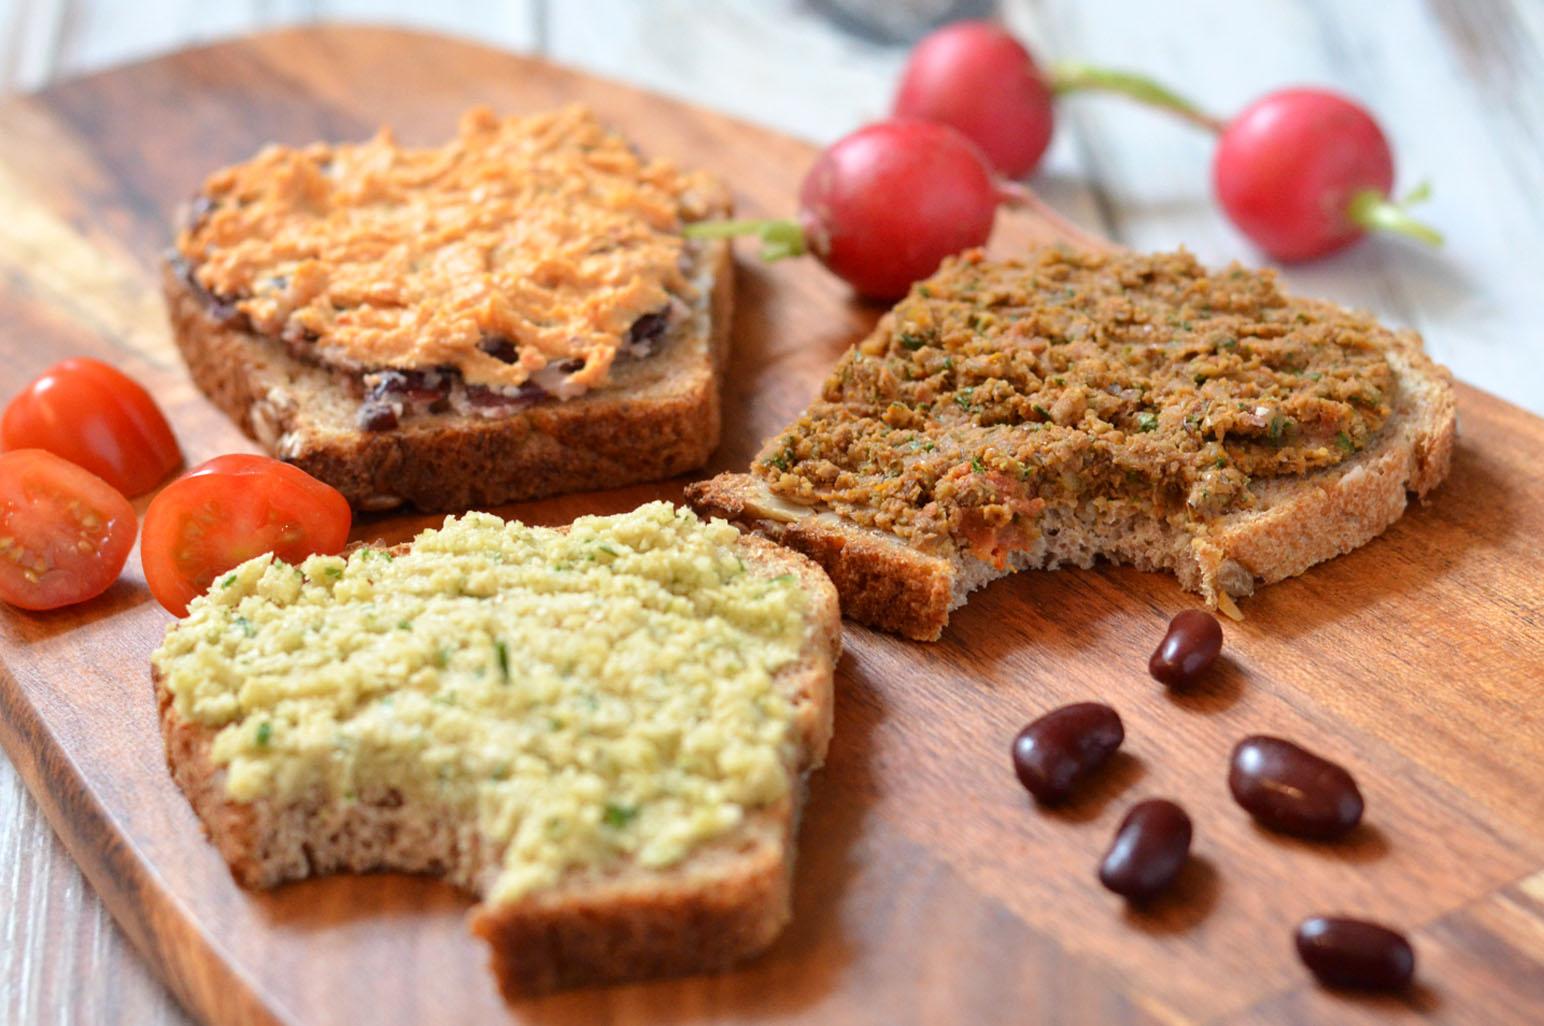 eiwitrijk voedsel veganist